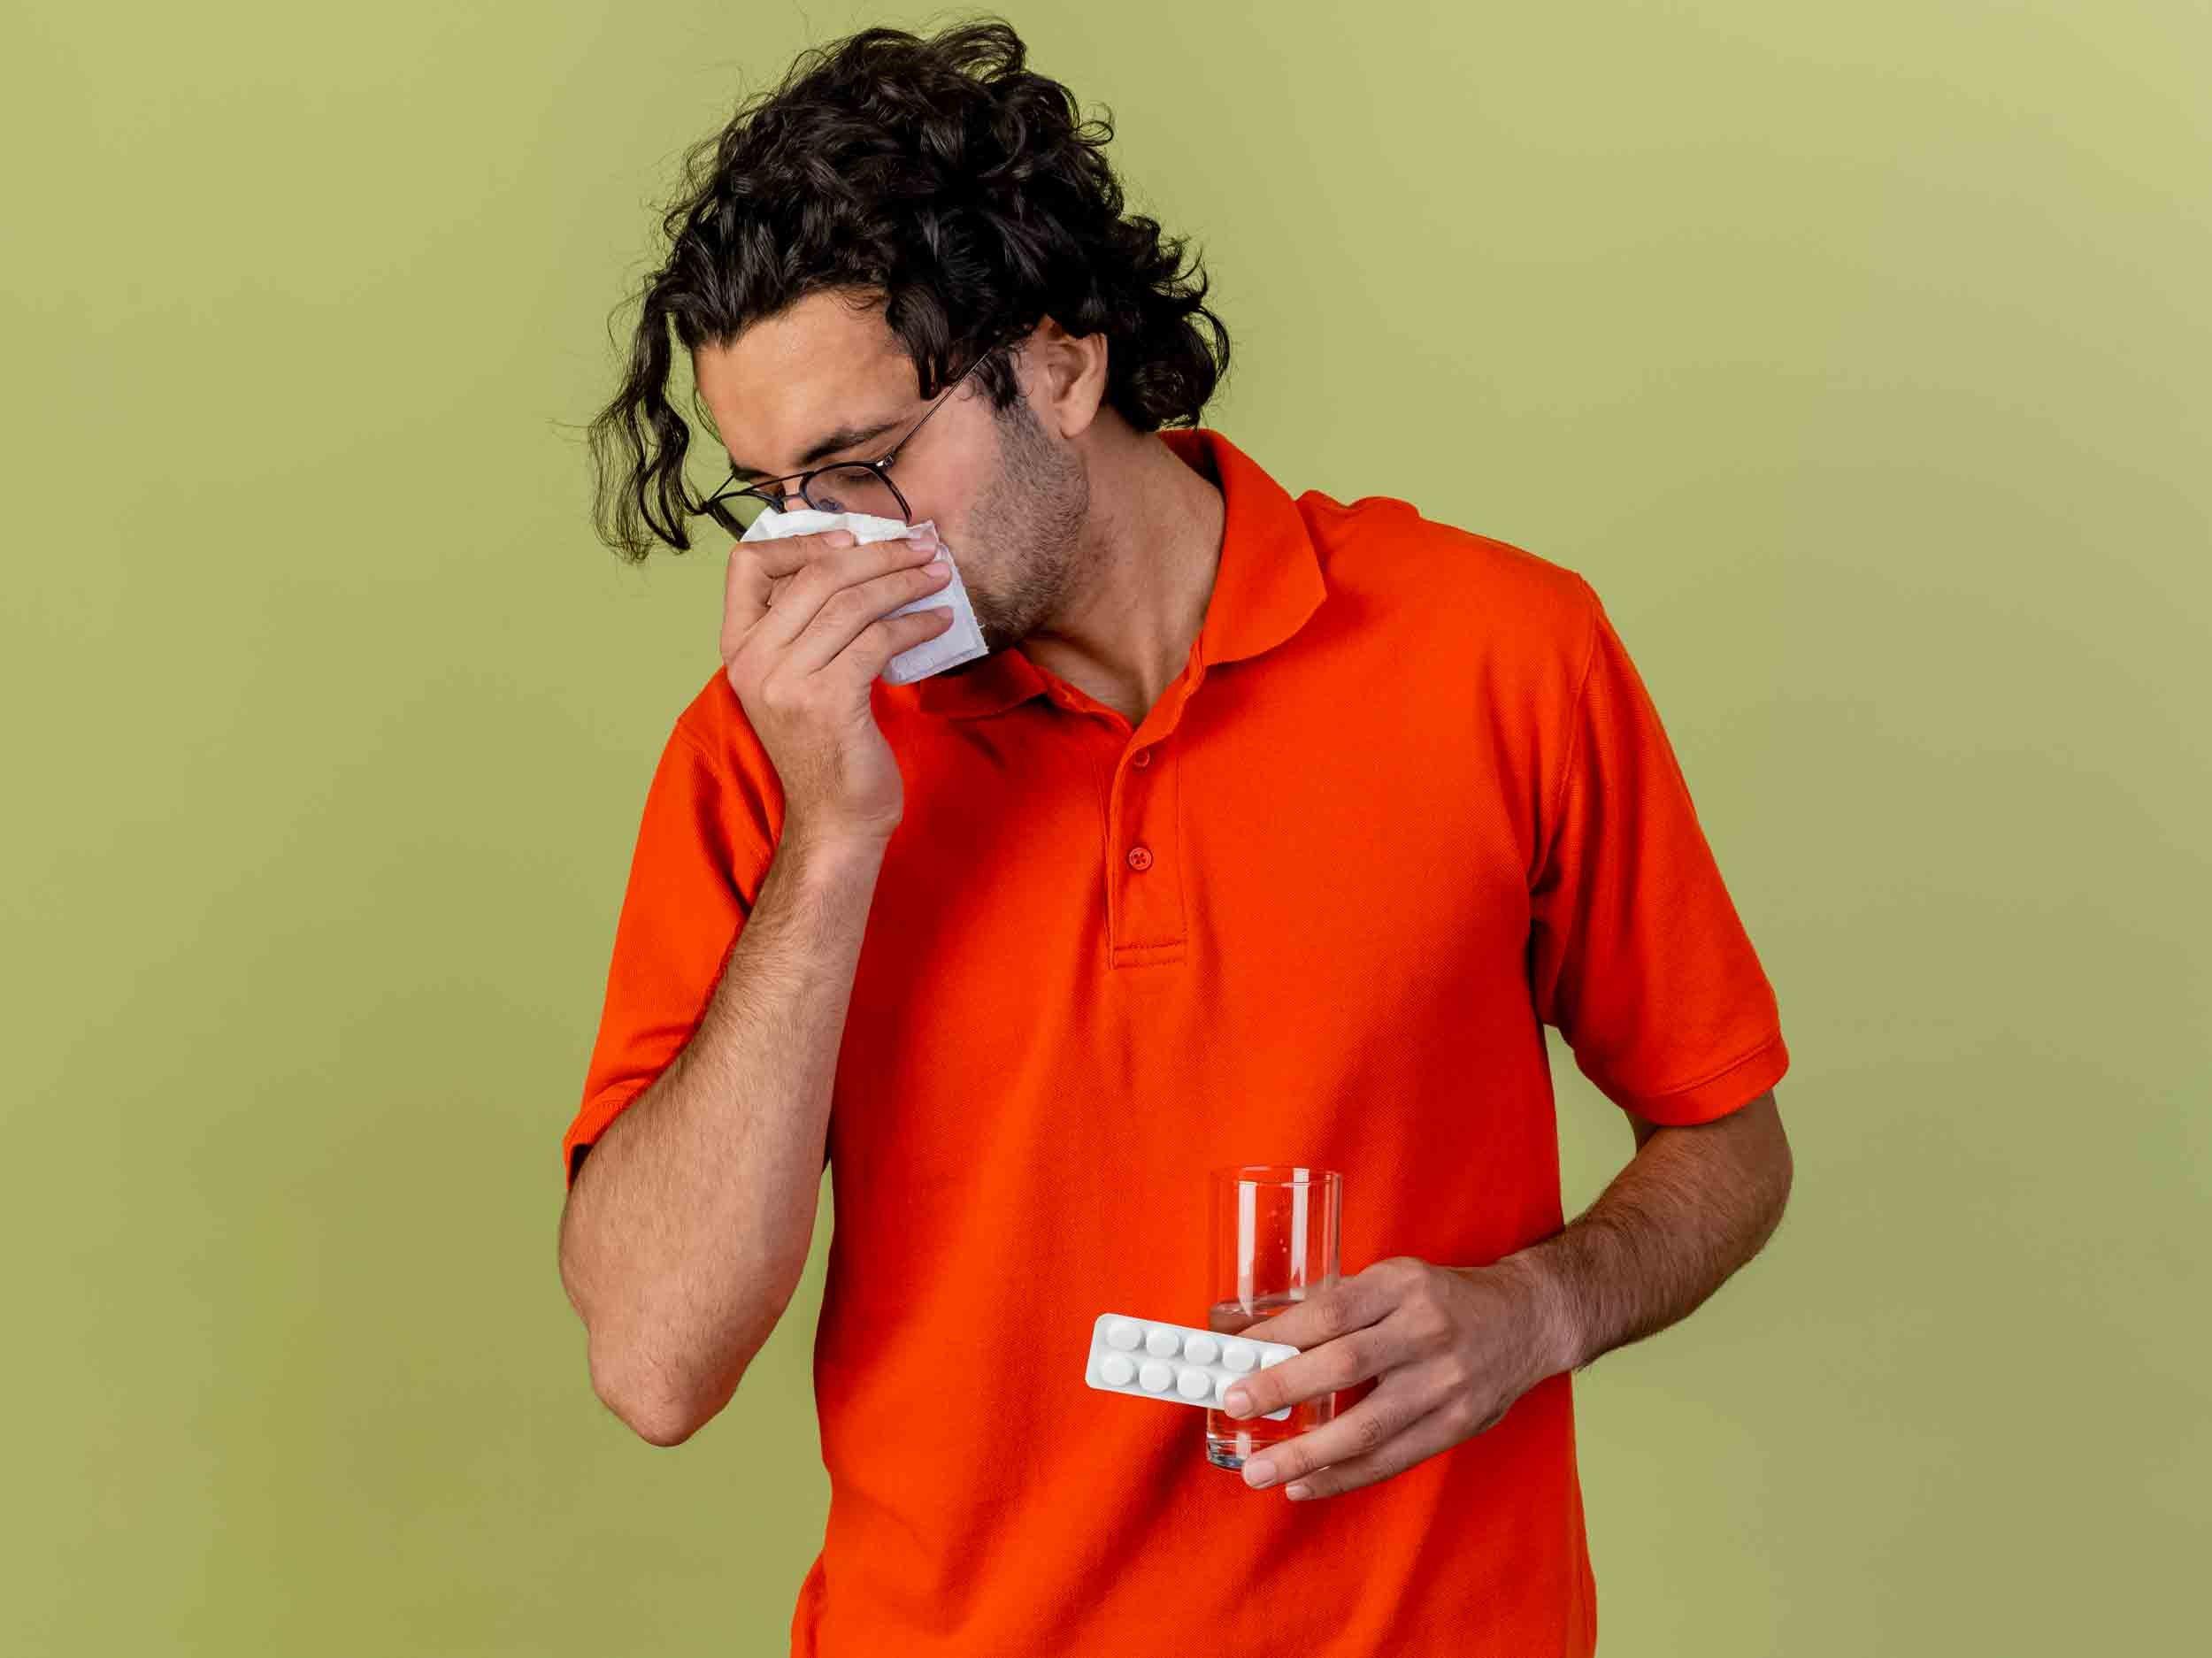 Le traitement de la rhinopharyngite passe par des lavages de nez